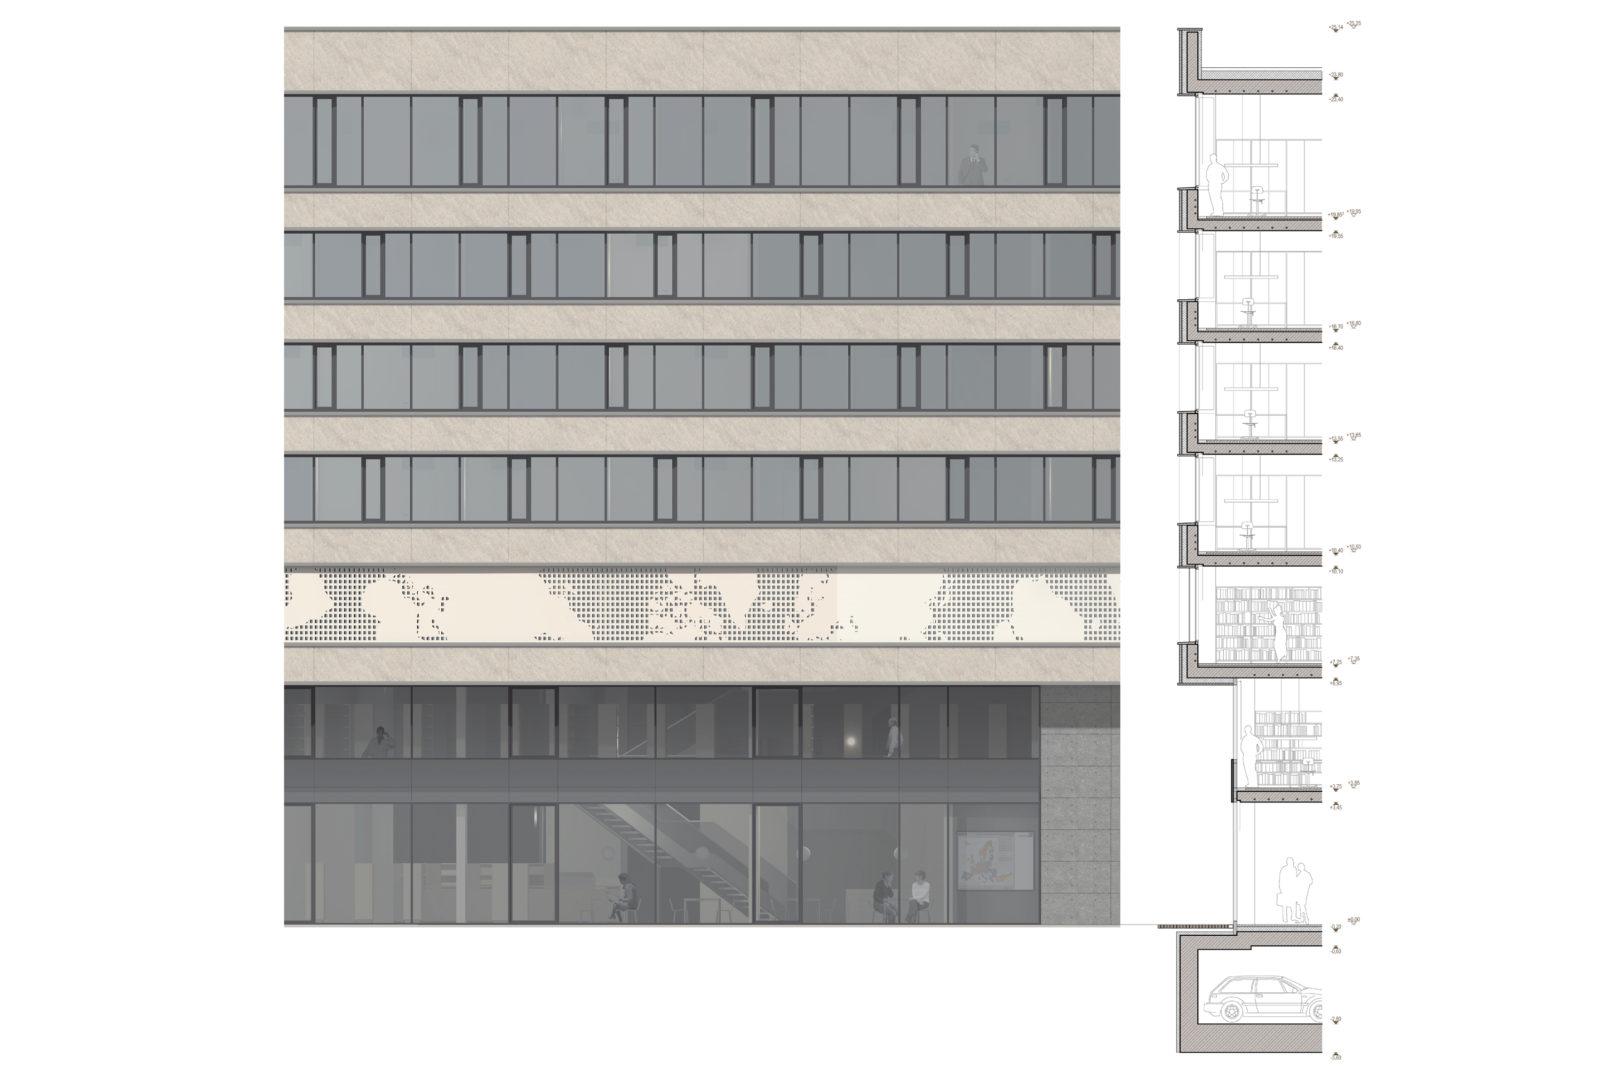 Wettbewerb Leibniz-Institut für Länderkunde in Leipzig, Zentrum - Fassadenschnitt